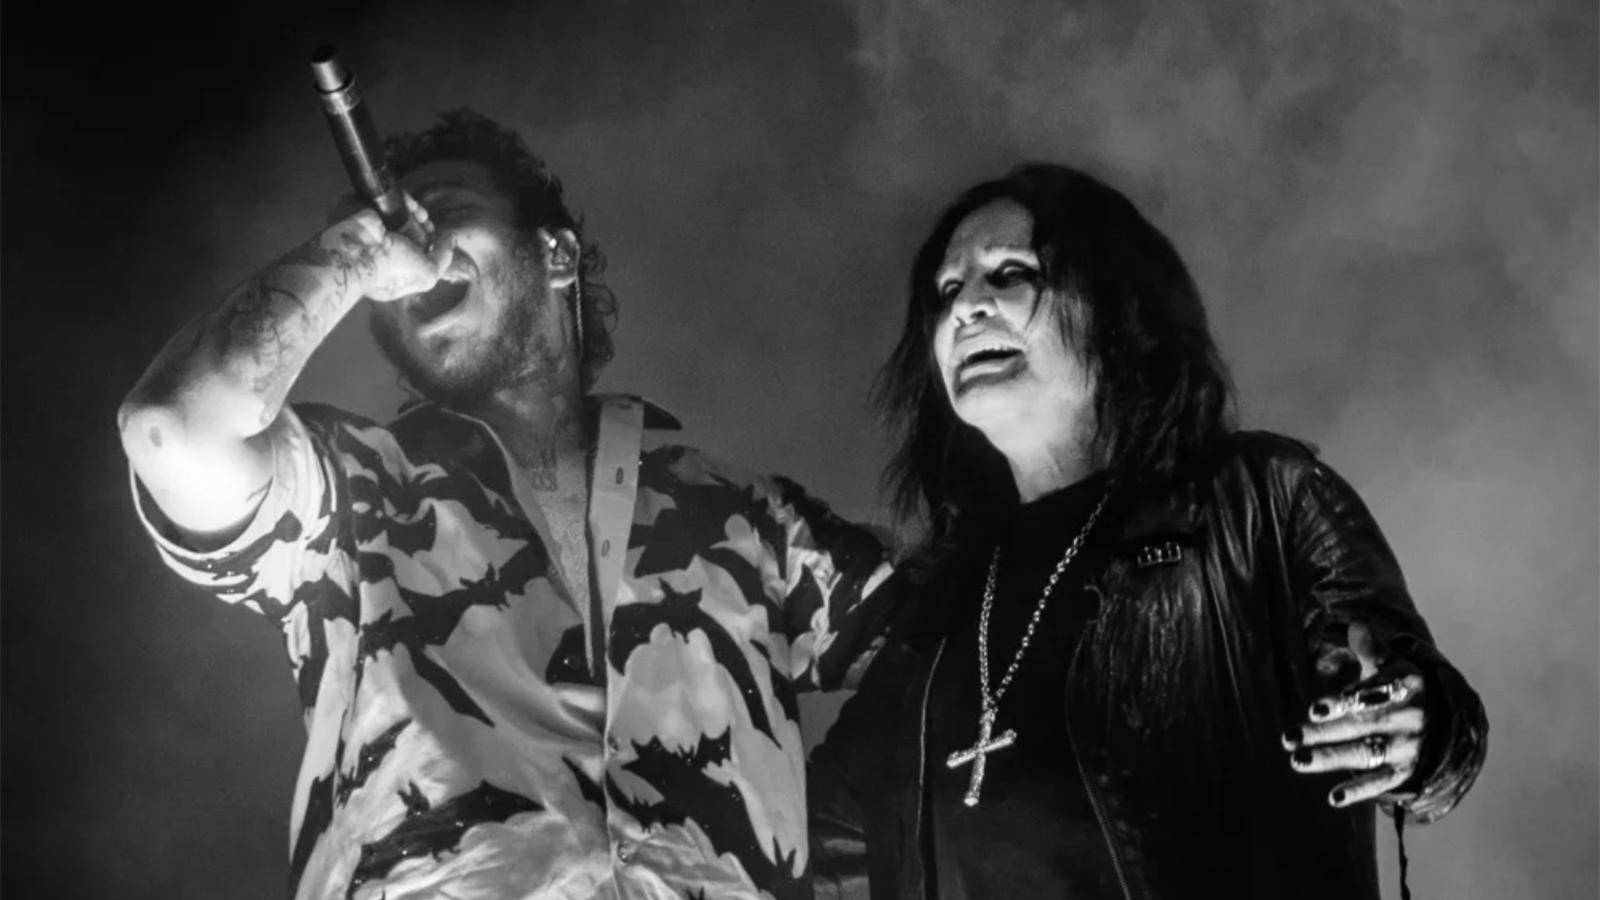 A imagem é uma foto de Post Malone com Ozzy Osbourne cantando em um show. Post está do lado esquerdo da imagem com o braço esquerdo em volta de Ozzy. Post é um homem branco de cabelos castanhos cacheados, barba e com algumas tatuagens no rosto; ele veste uma camisa com estampa de morcegos e está segurando um microfone na mão direita, em direção à sua boca. Ozzy é um homem branco de cabelos lisos compridos; ele veste uma jaqueta de couro preta, uma camiseta preta e um colar com uma cruz. A imagem está em preto e branco.